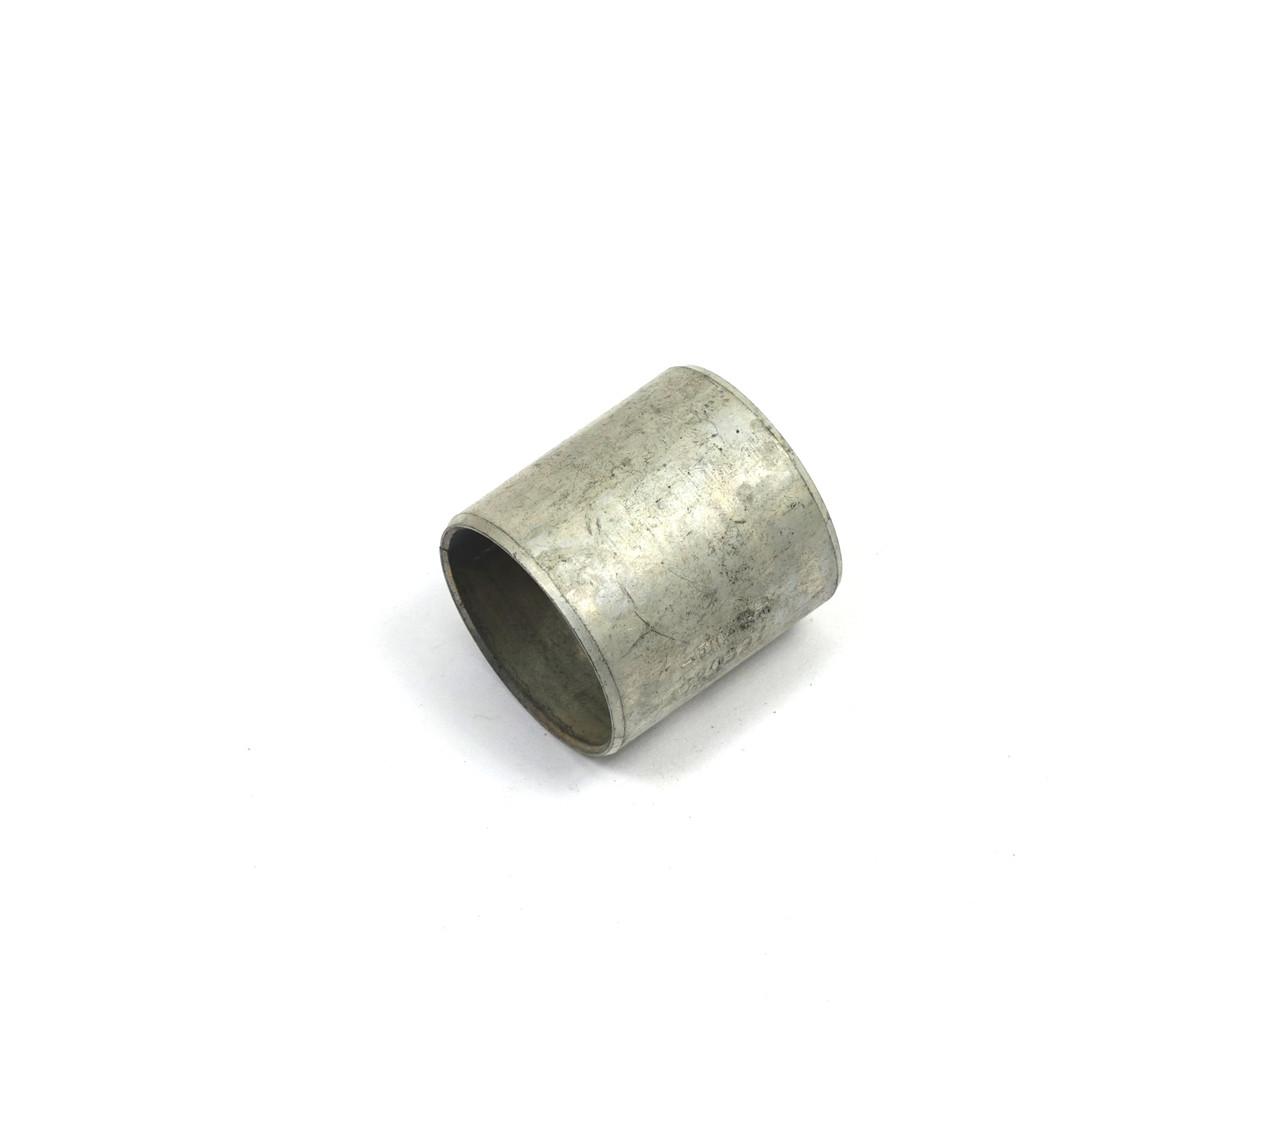 Piston Pin Bushing - 1971-82